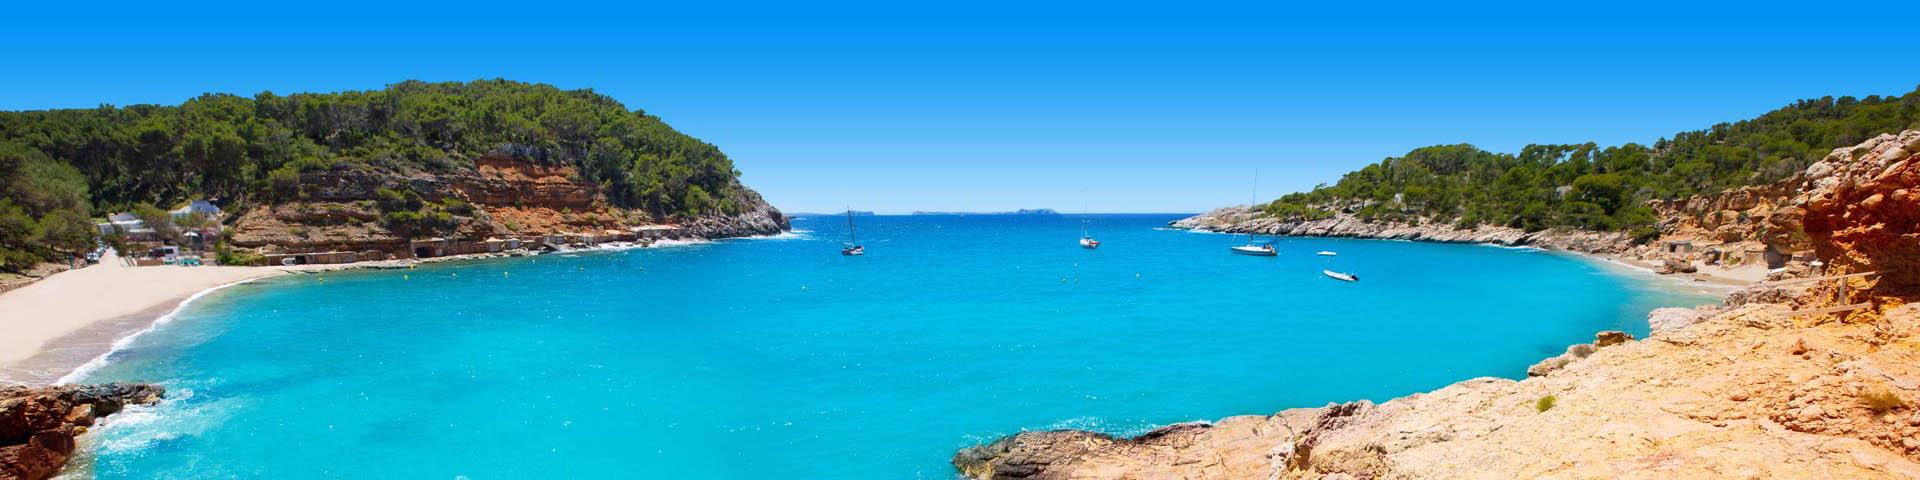 Azuurblauwe zee met uitzicht op groen landschap!